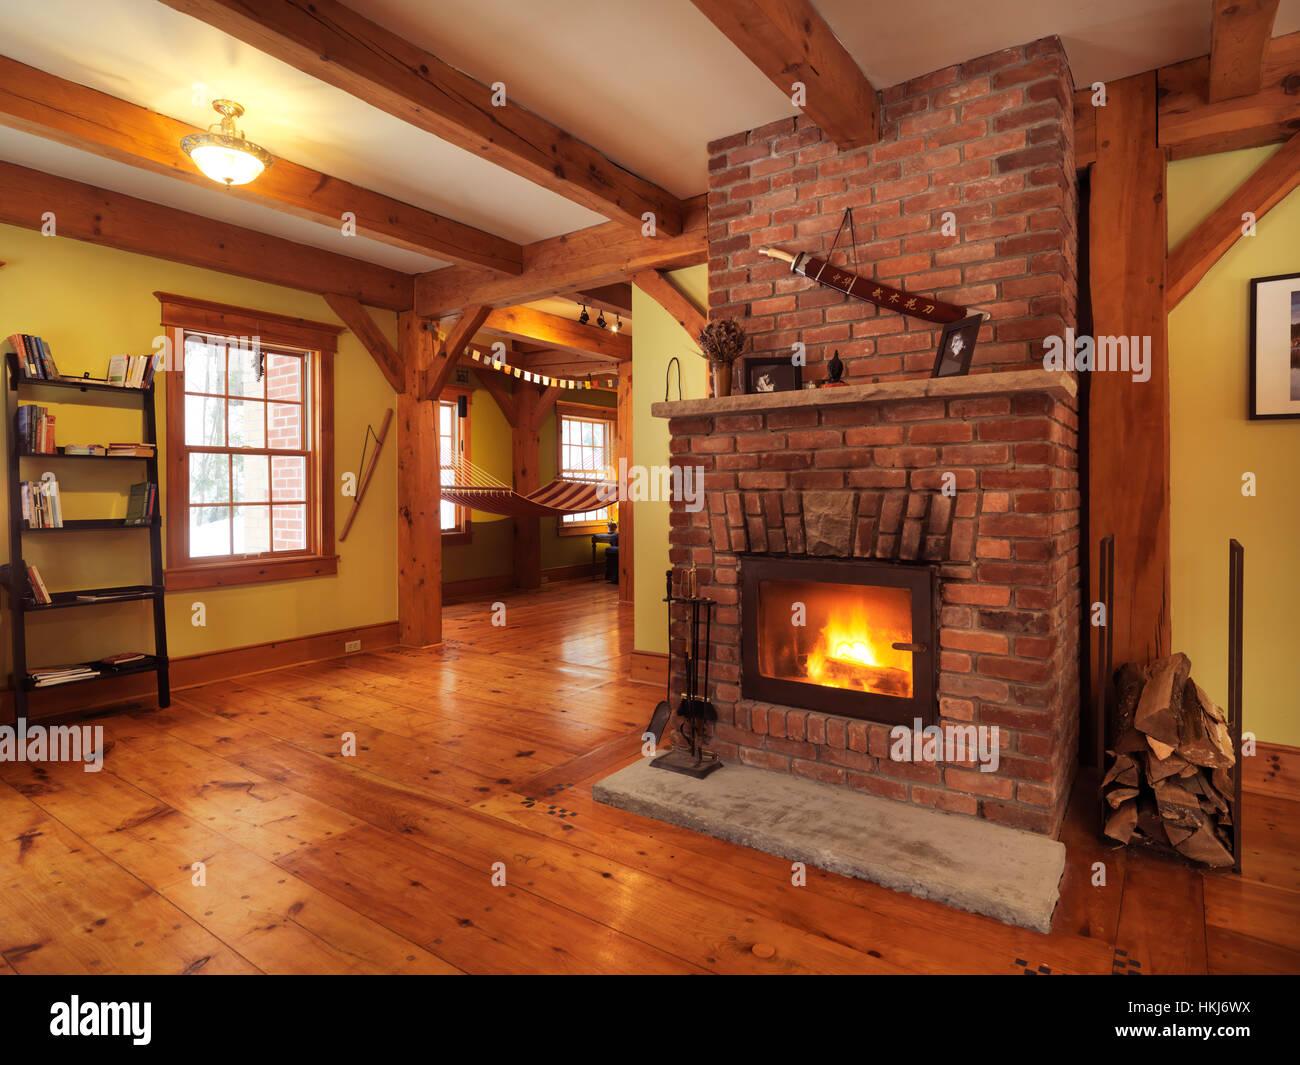 Chemin e bois dans une maison canadienne timberframe int rieur de salon muskoka ontario - Cheminee interieur maison ...